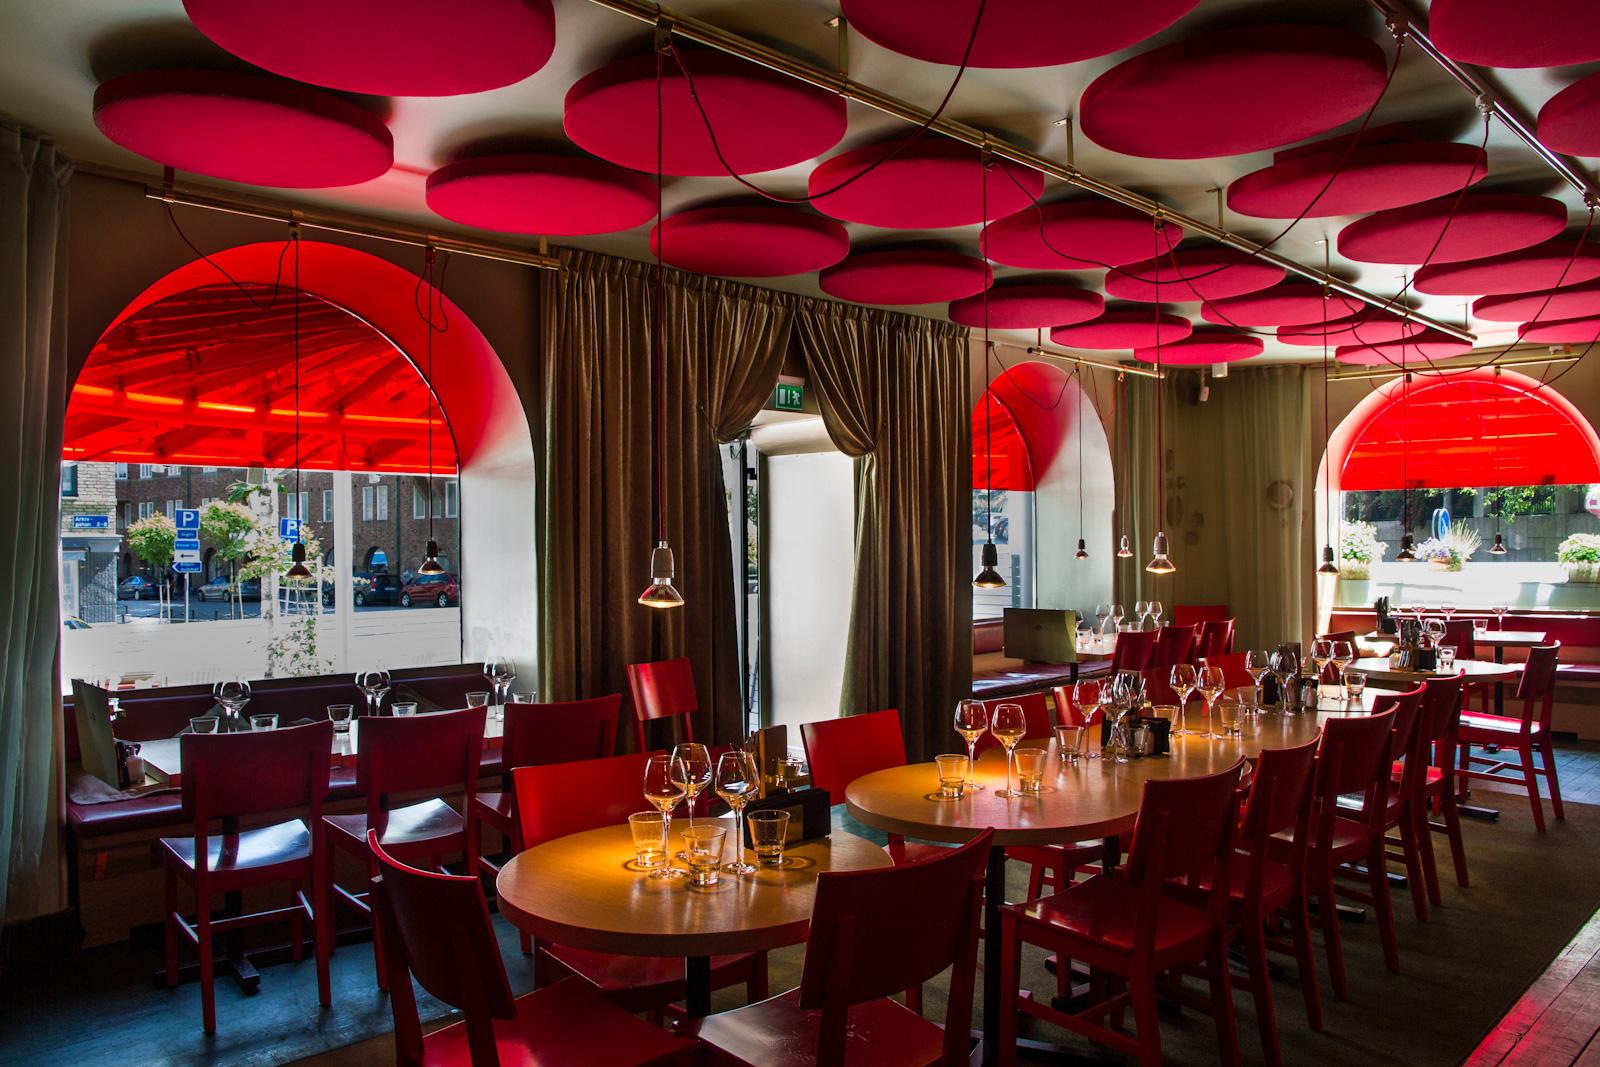 261114-restaurant-familjen-gothenburg-sweden